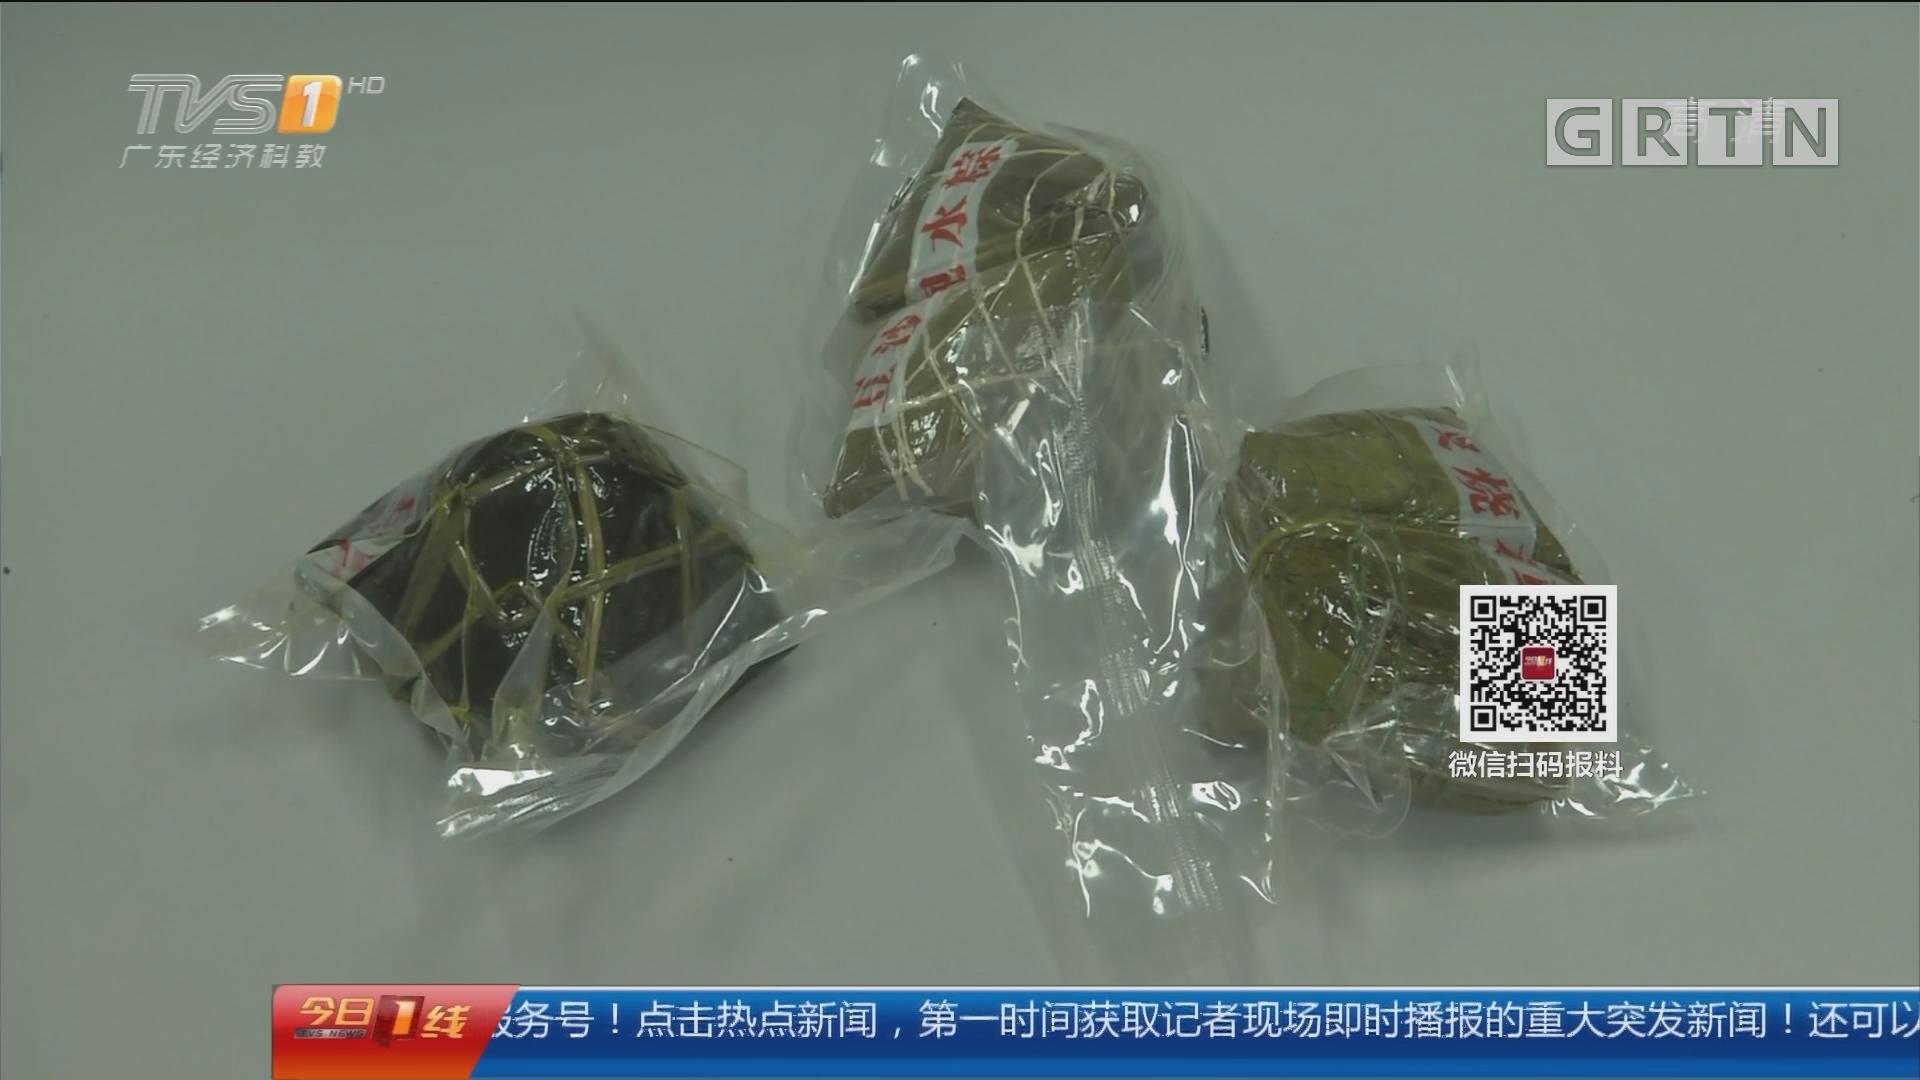 食品安全:抽检130批次粽子 1批次不合格